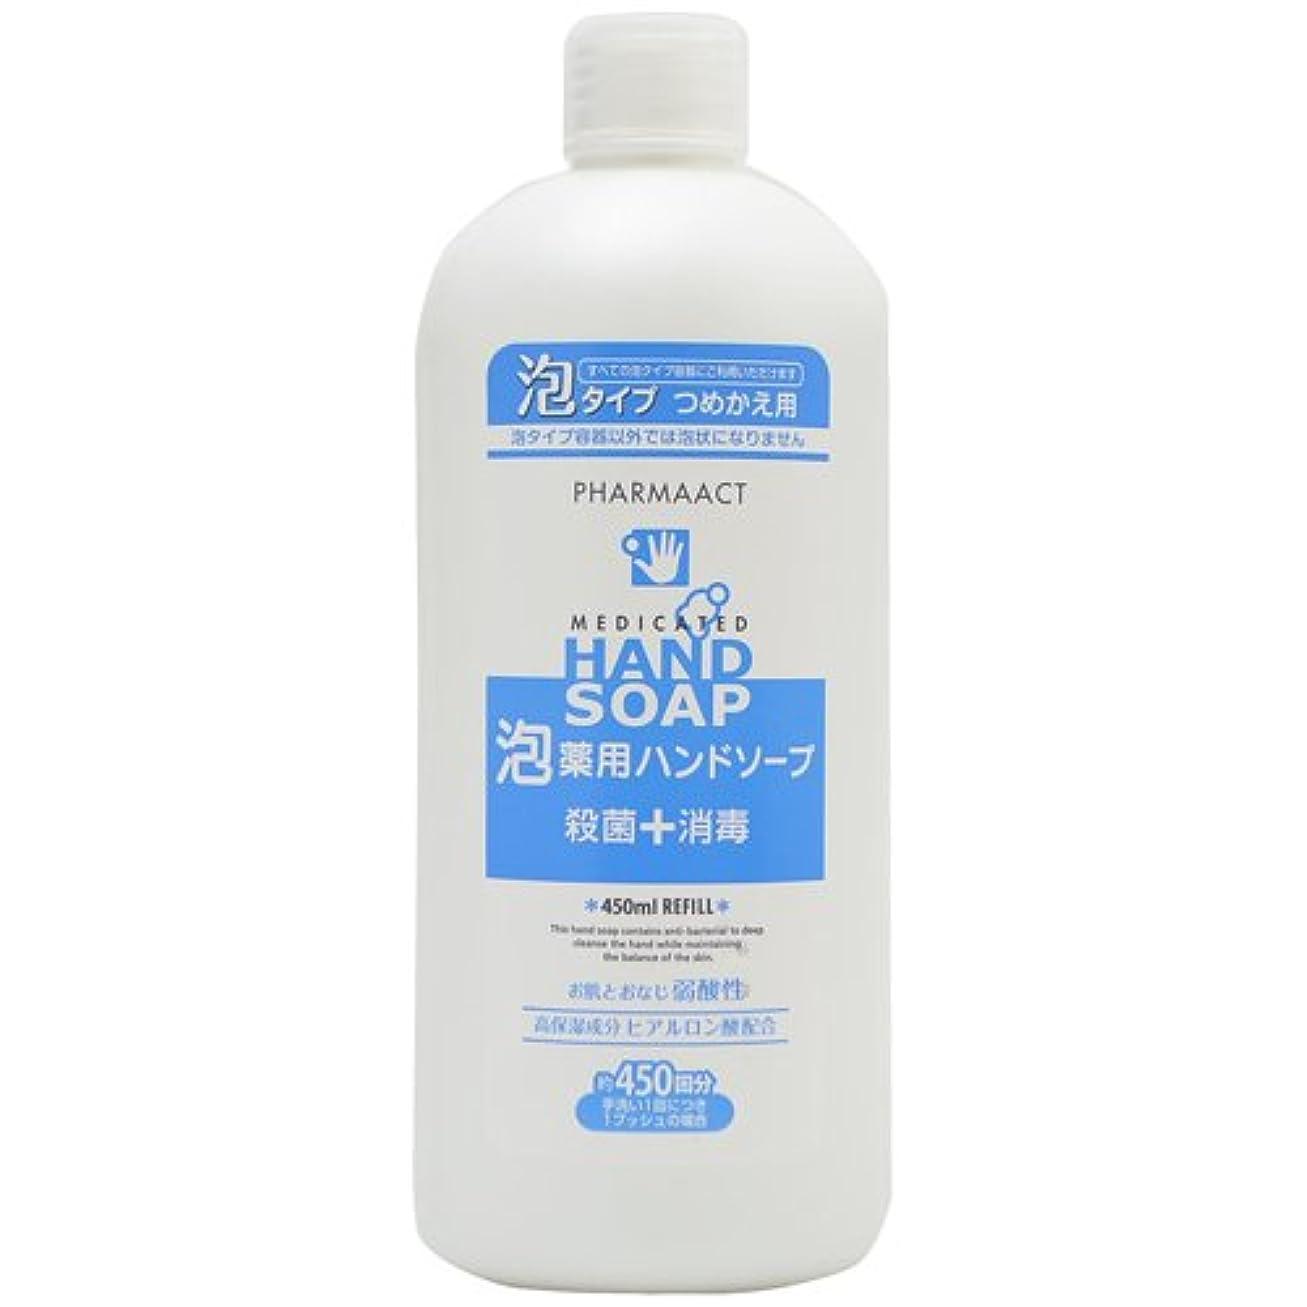 熊野油脂 ファーマアクト 薬用泡ハンドソープ つめかえ用 450ml×24点セット (4513574017603)